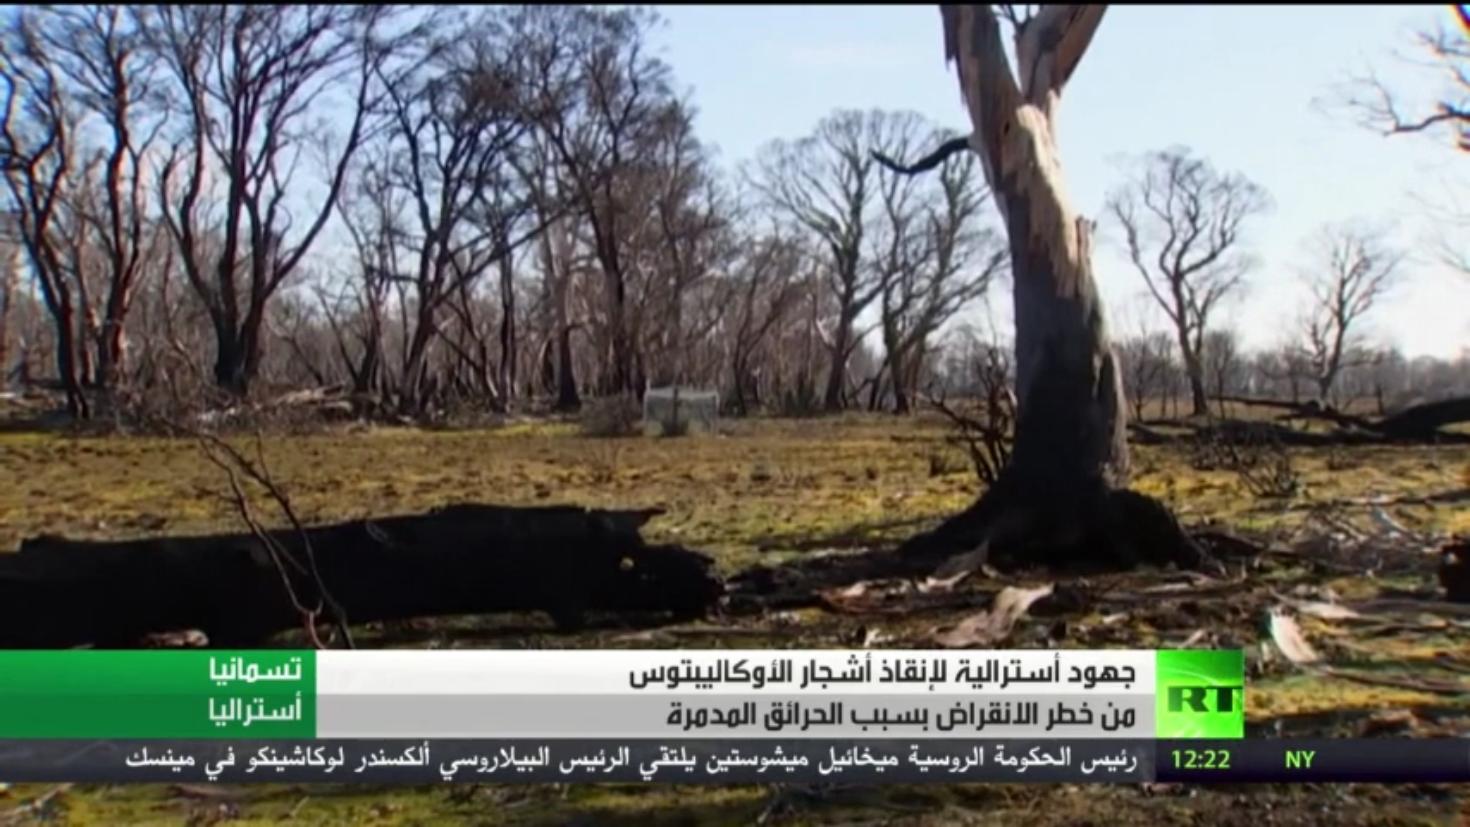 شجر الأوكاليبتوس يواجه خطر الانقراض